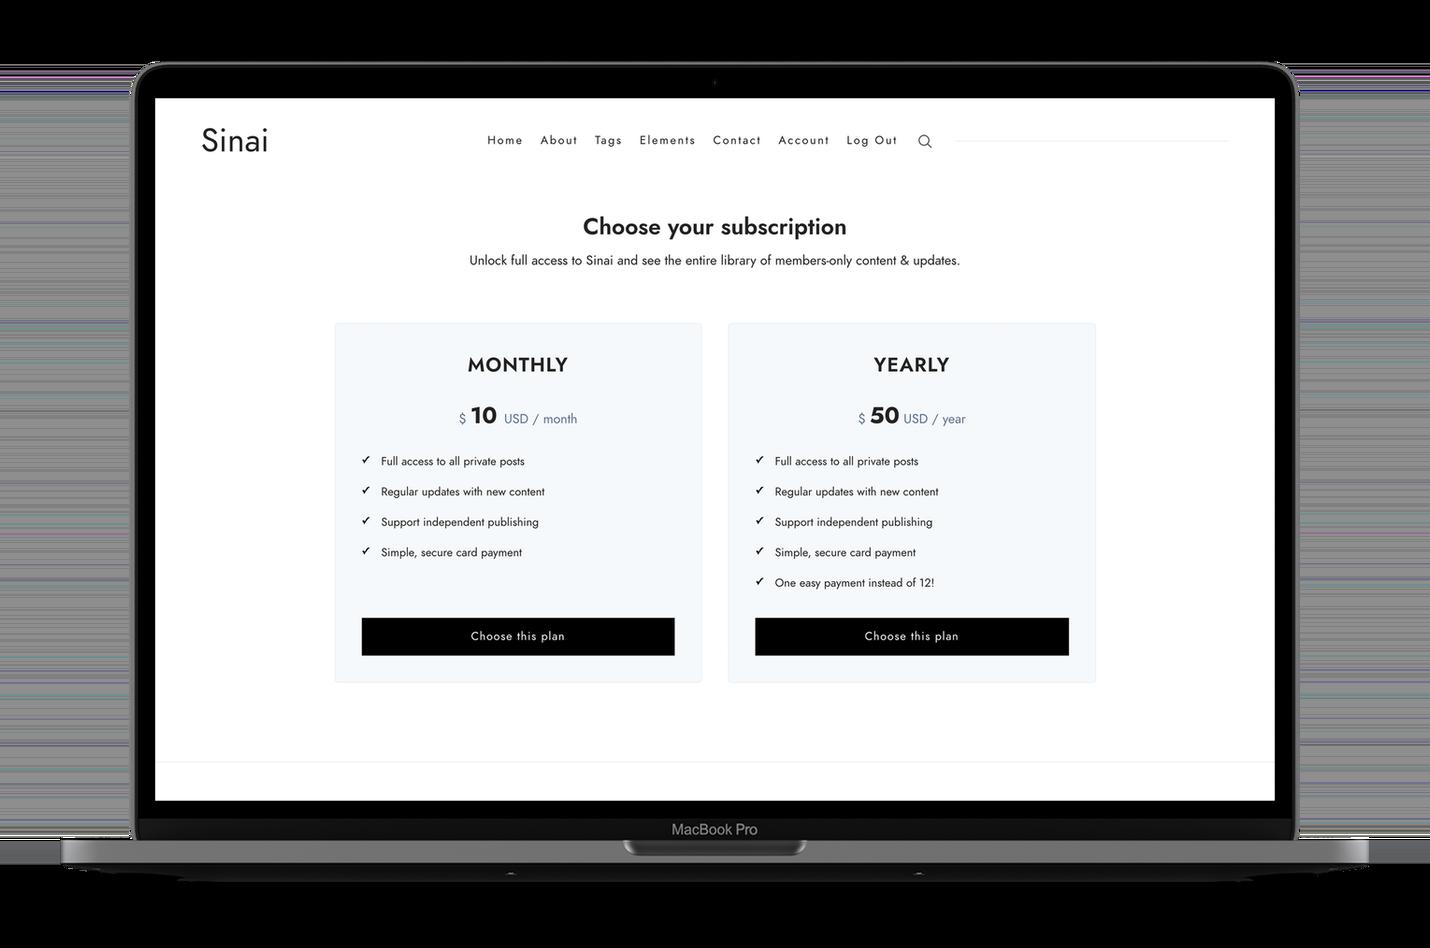 Sinai Pricing Page